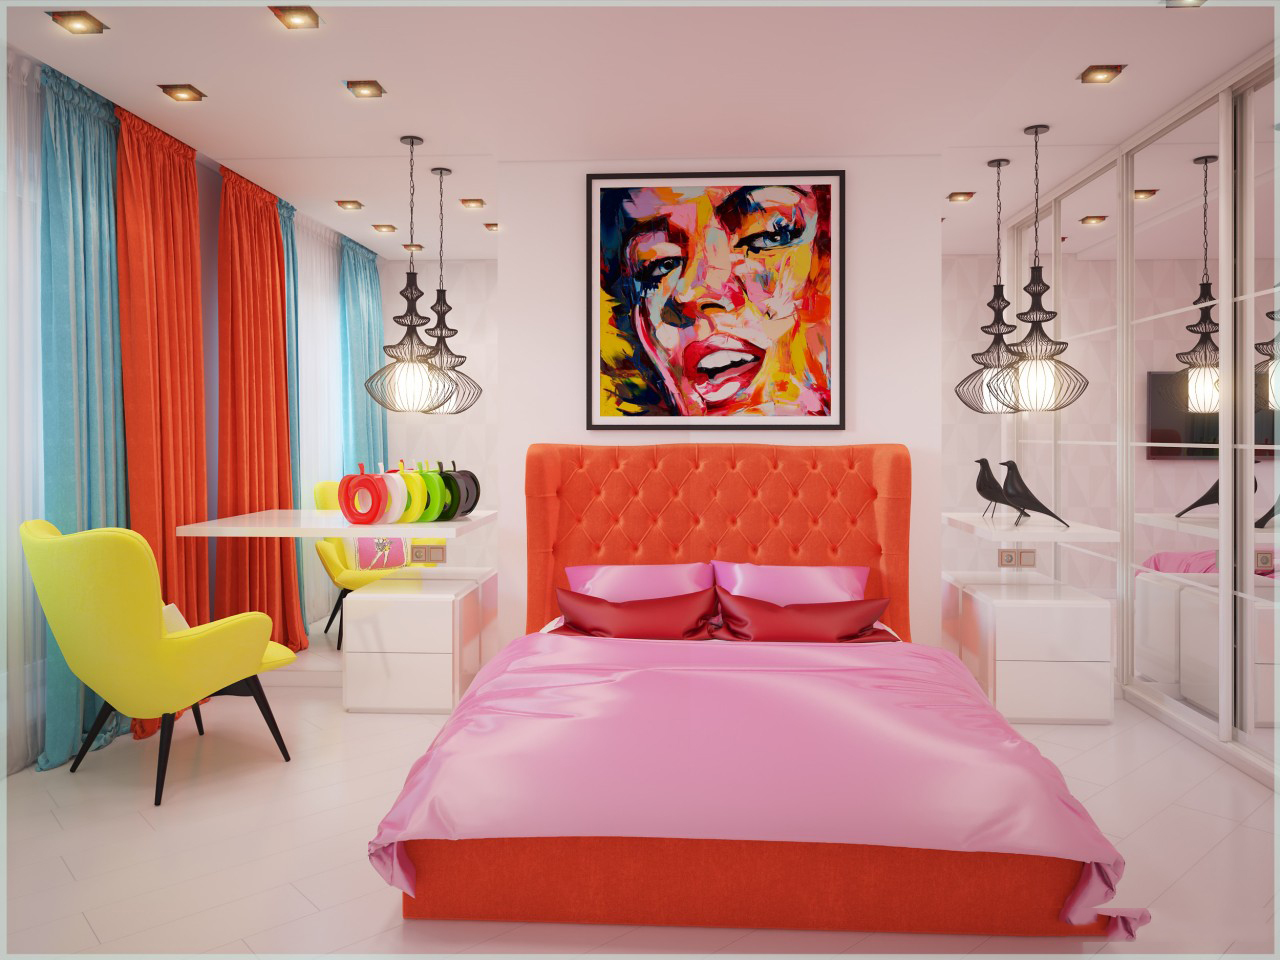 спальня площадью 5 на 5 метров дизайн идеи